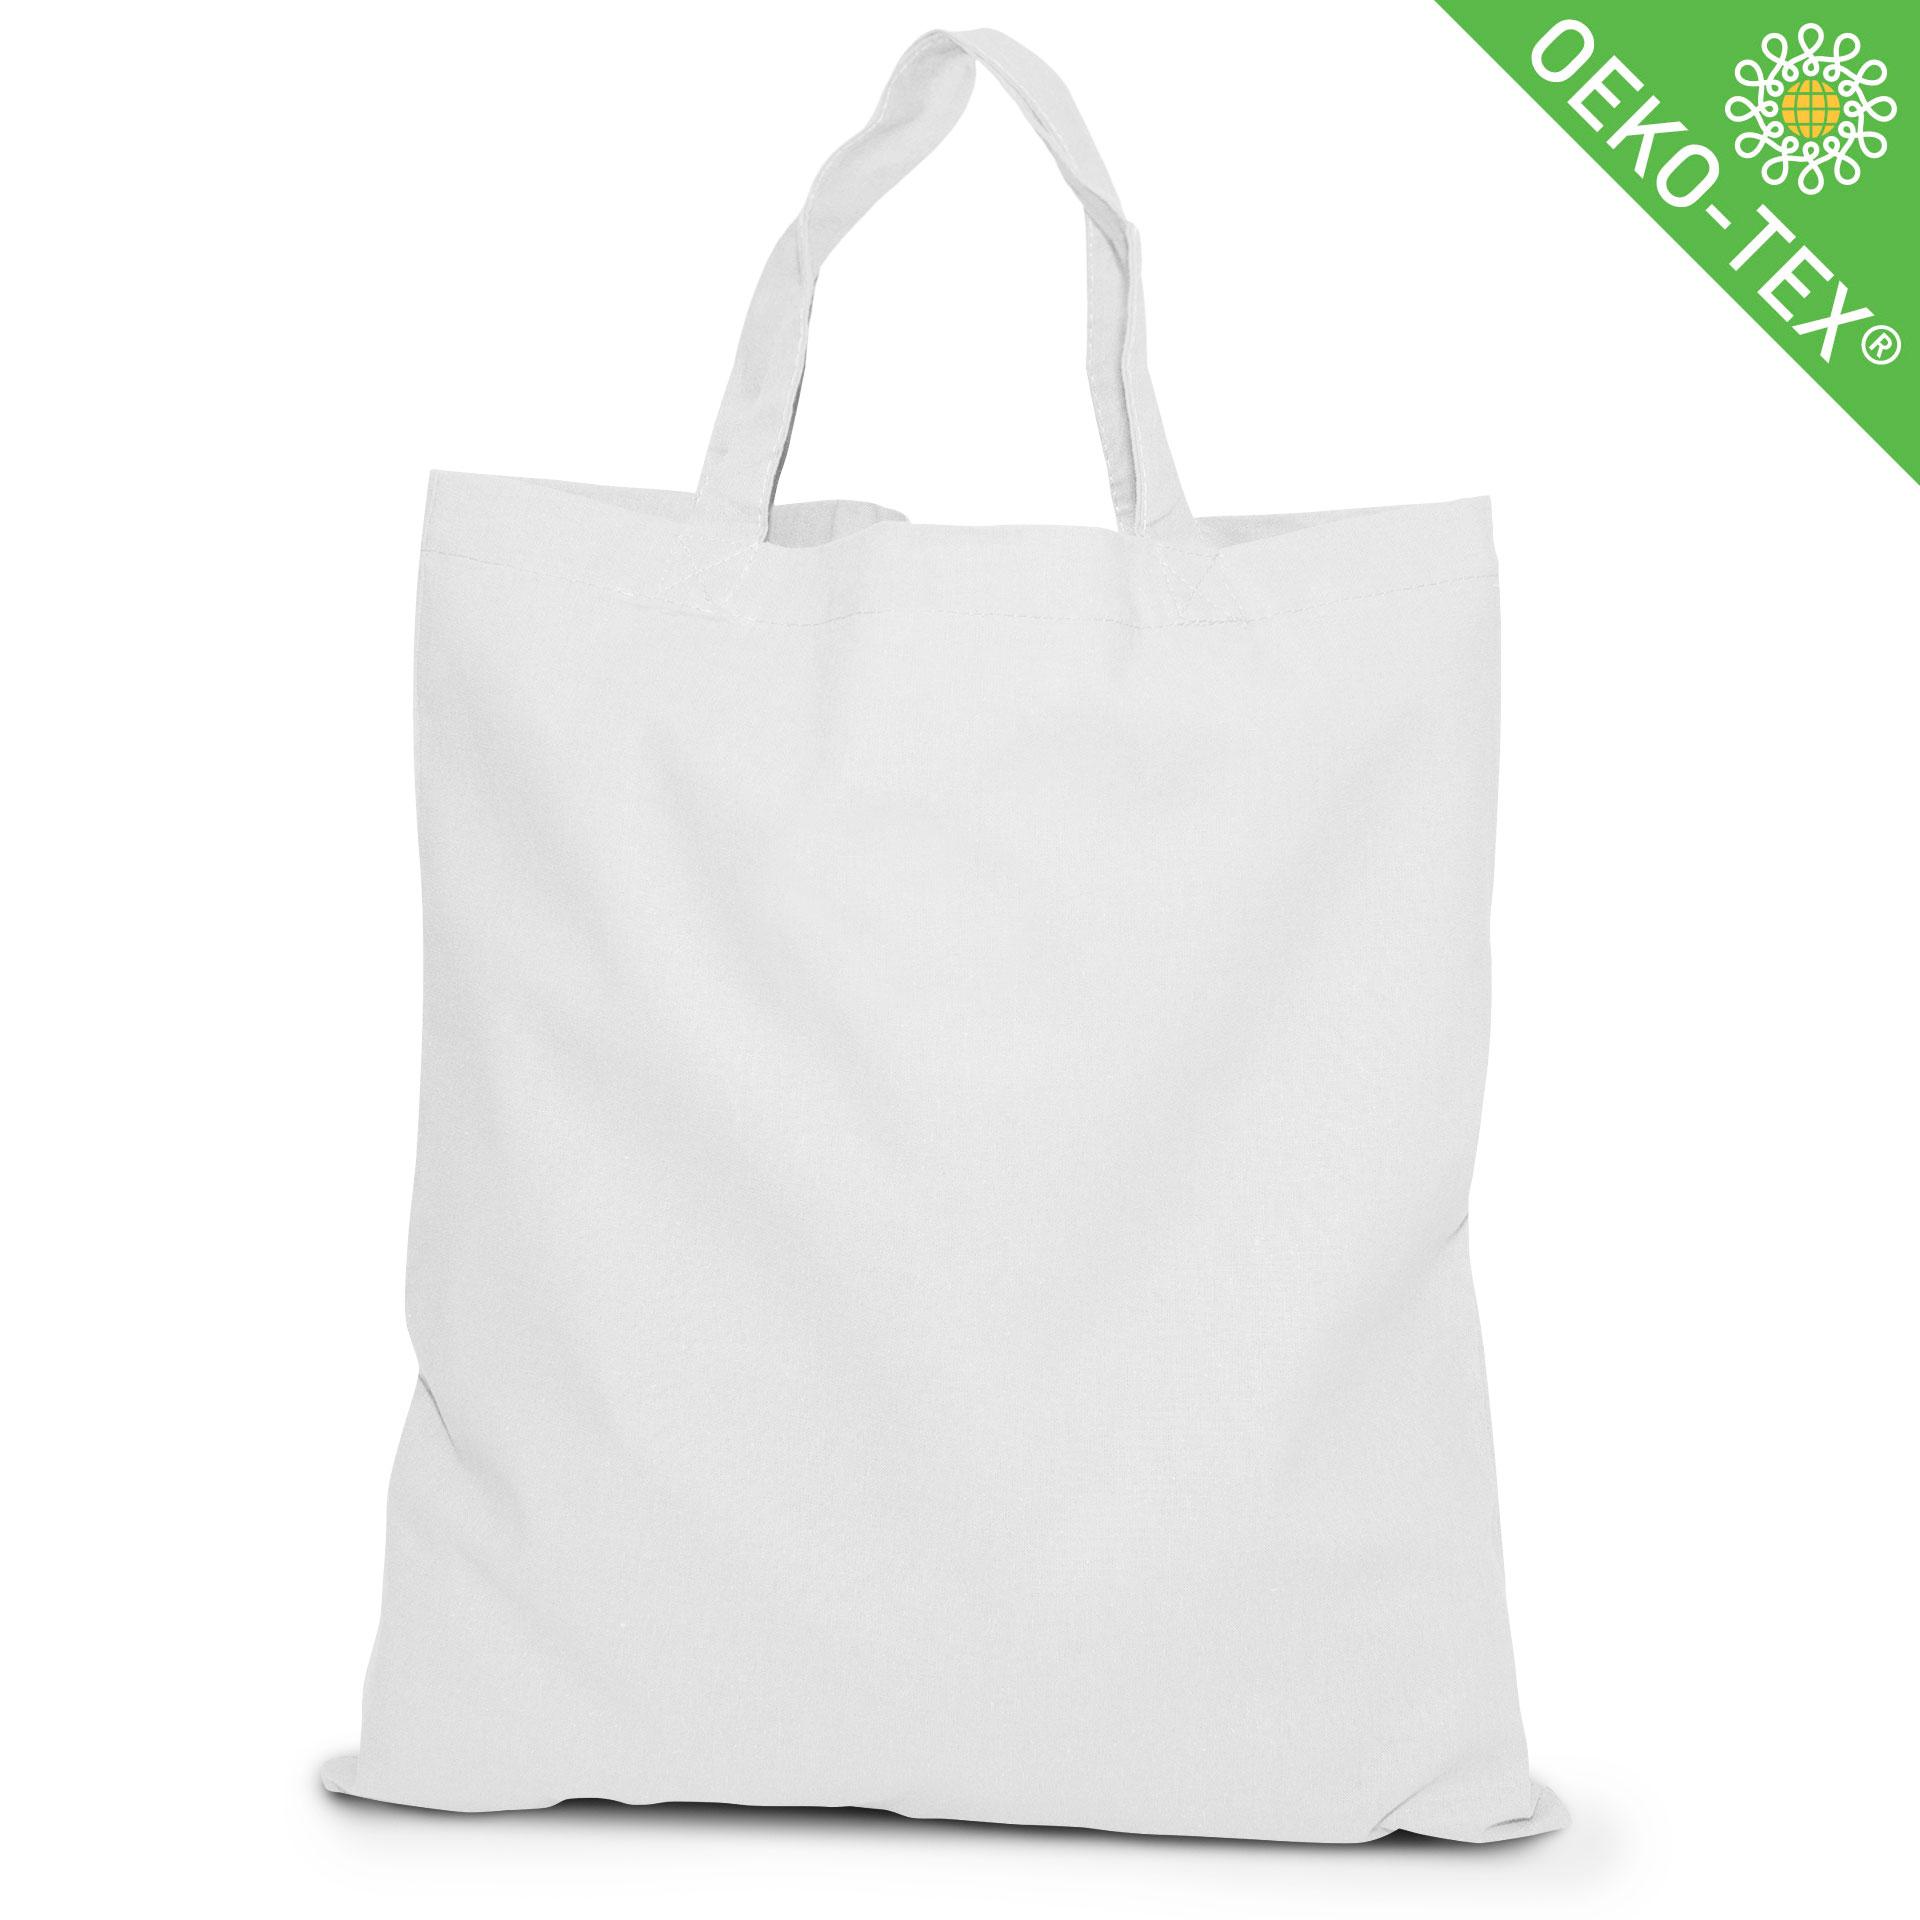 20 Kapstadt Baumwolltasche mit kurzen Henkeln, Farbe: weiß